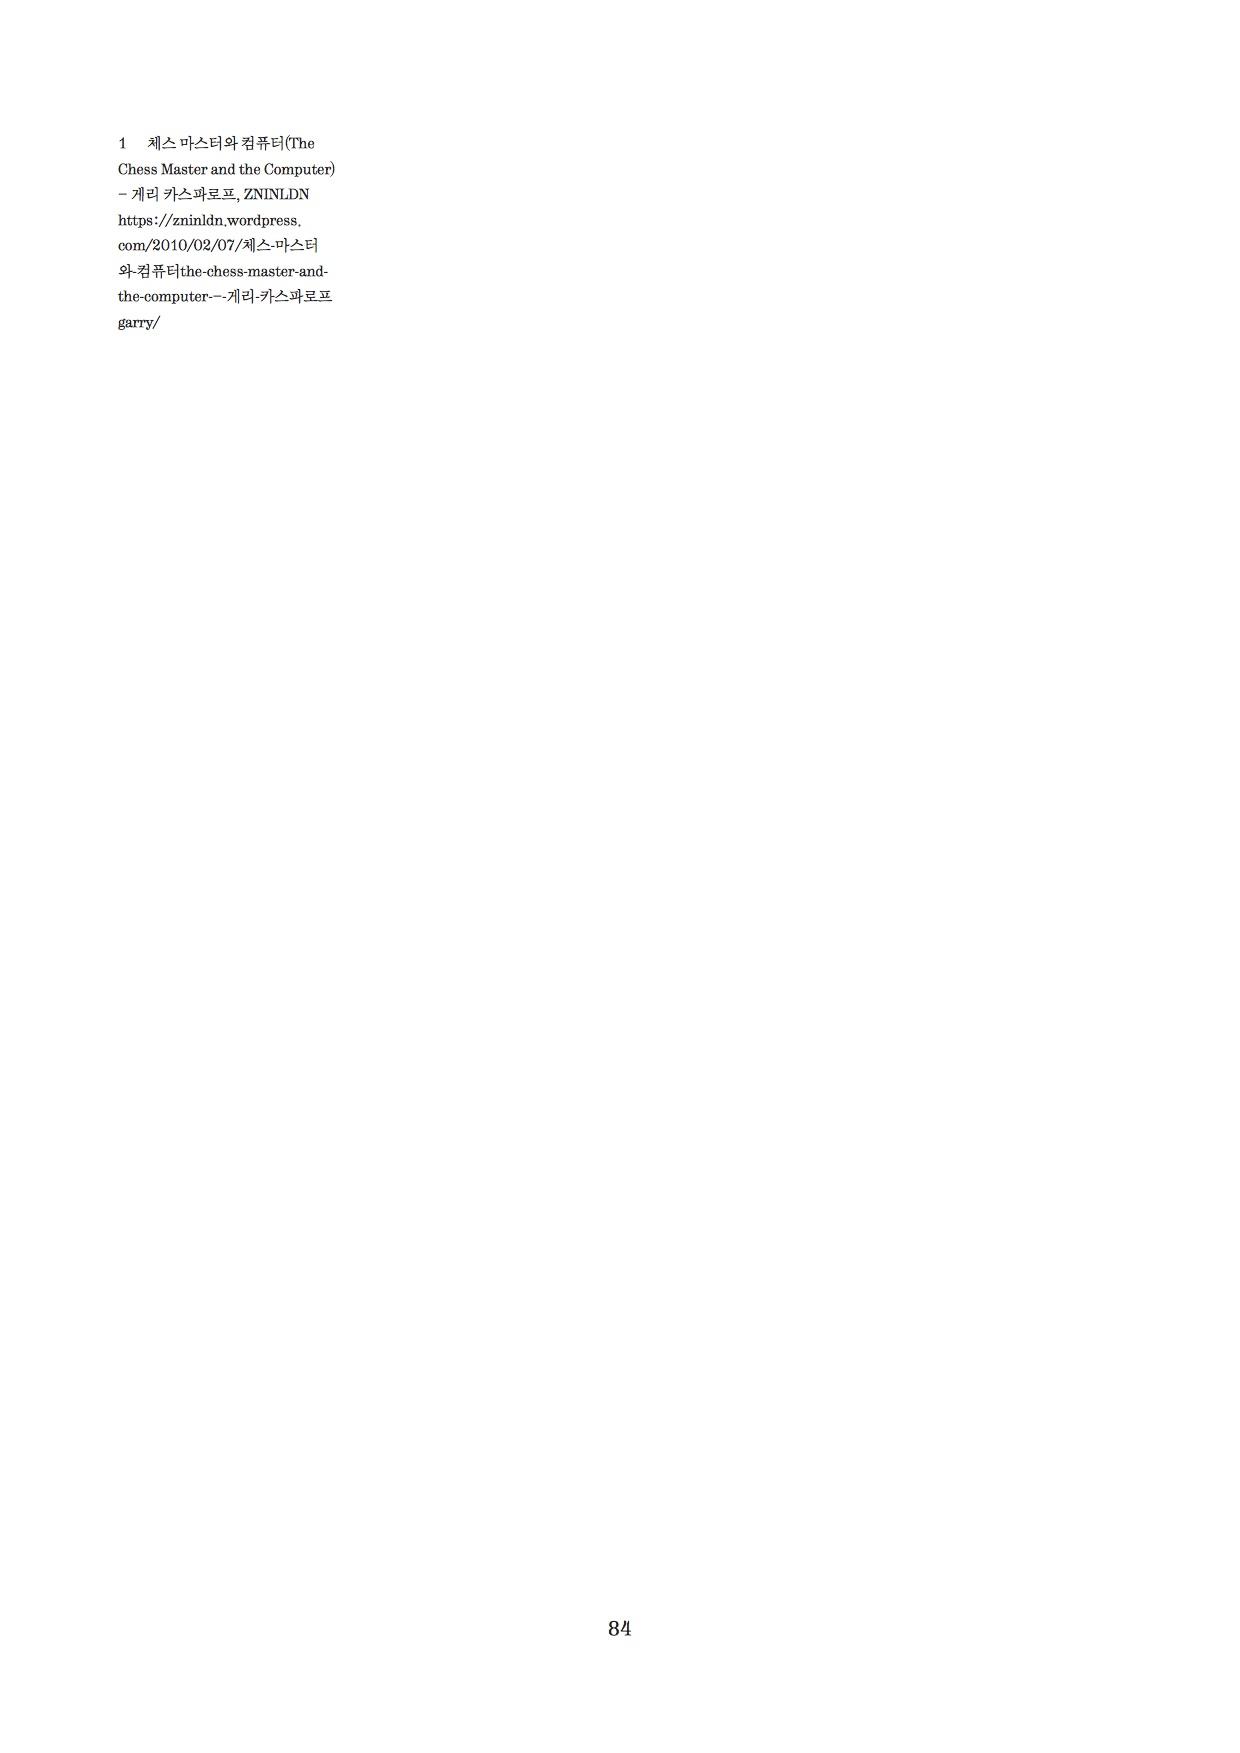 AVP_document_18-display_4